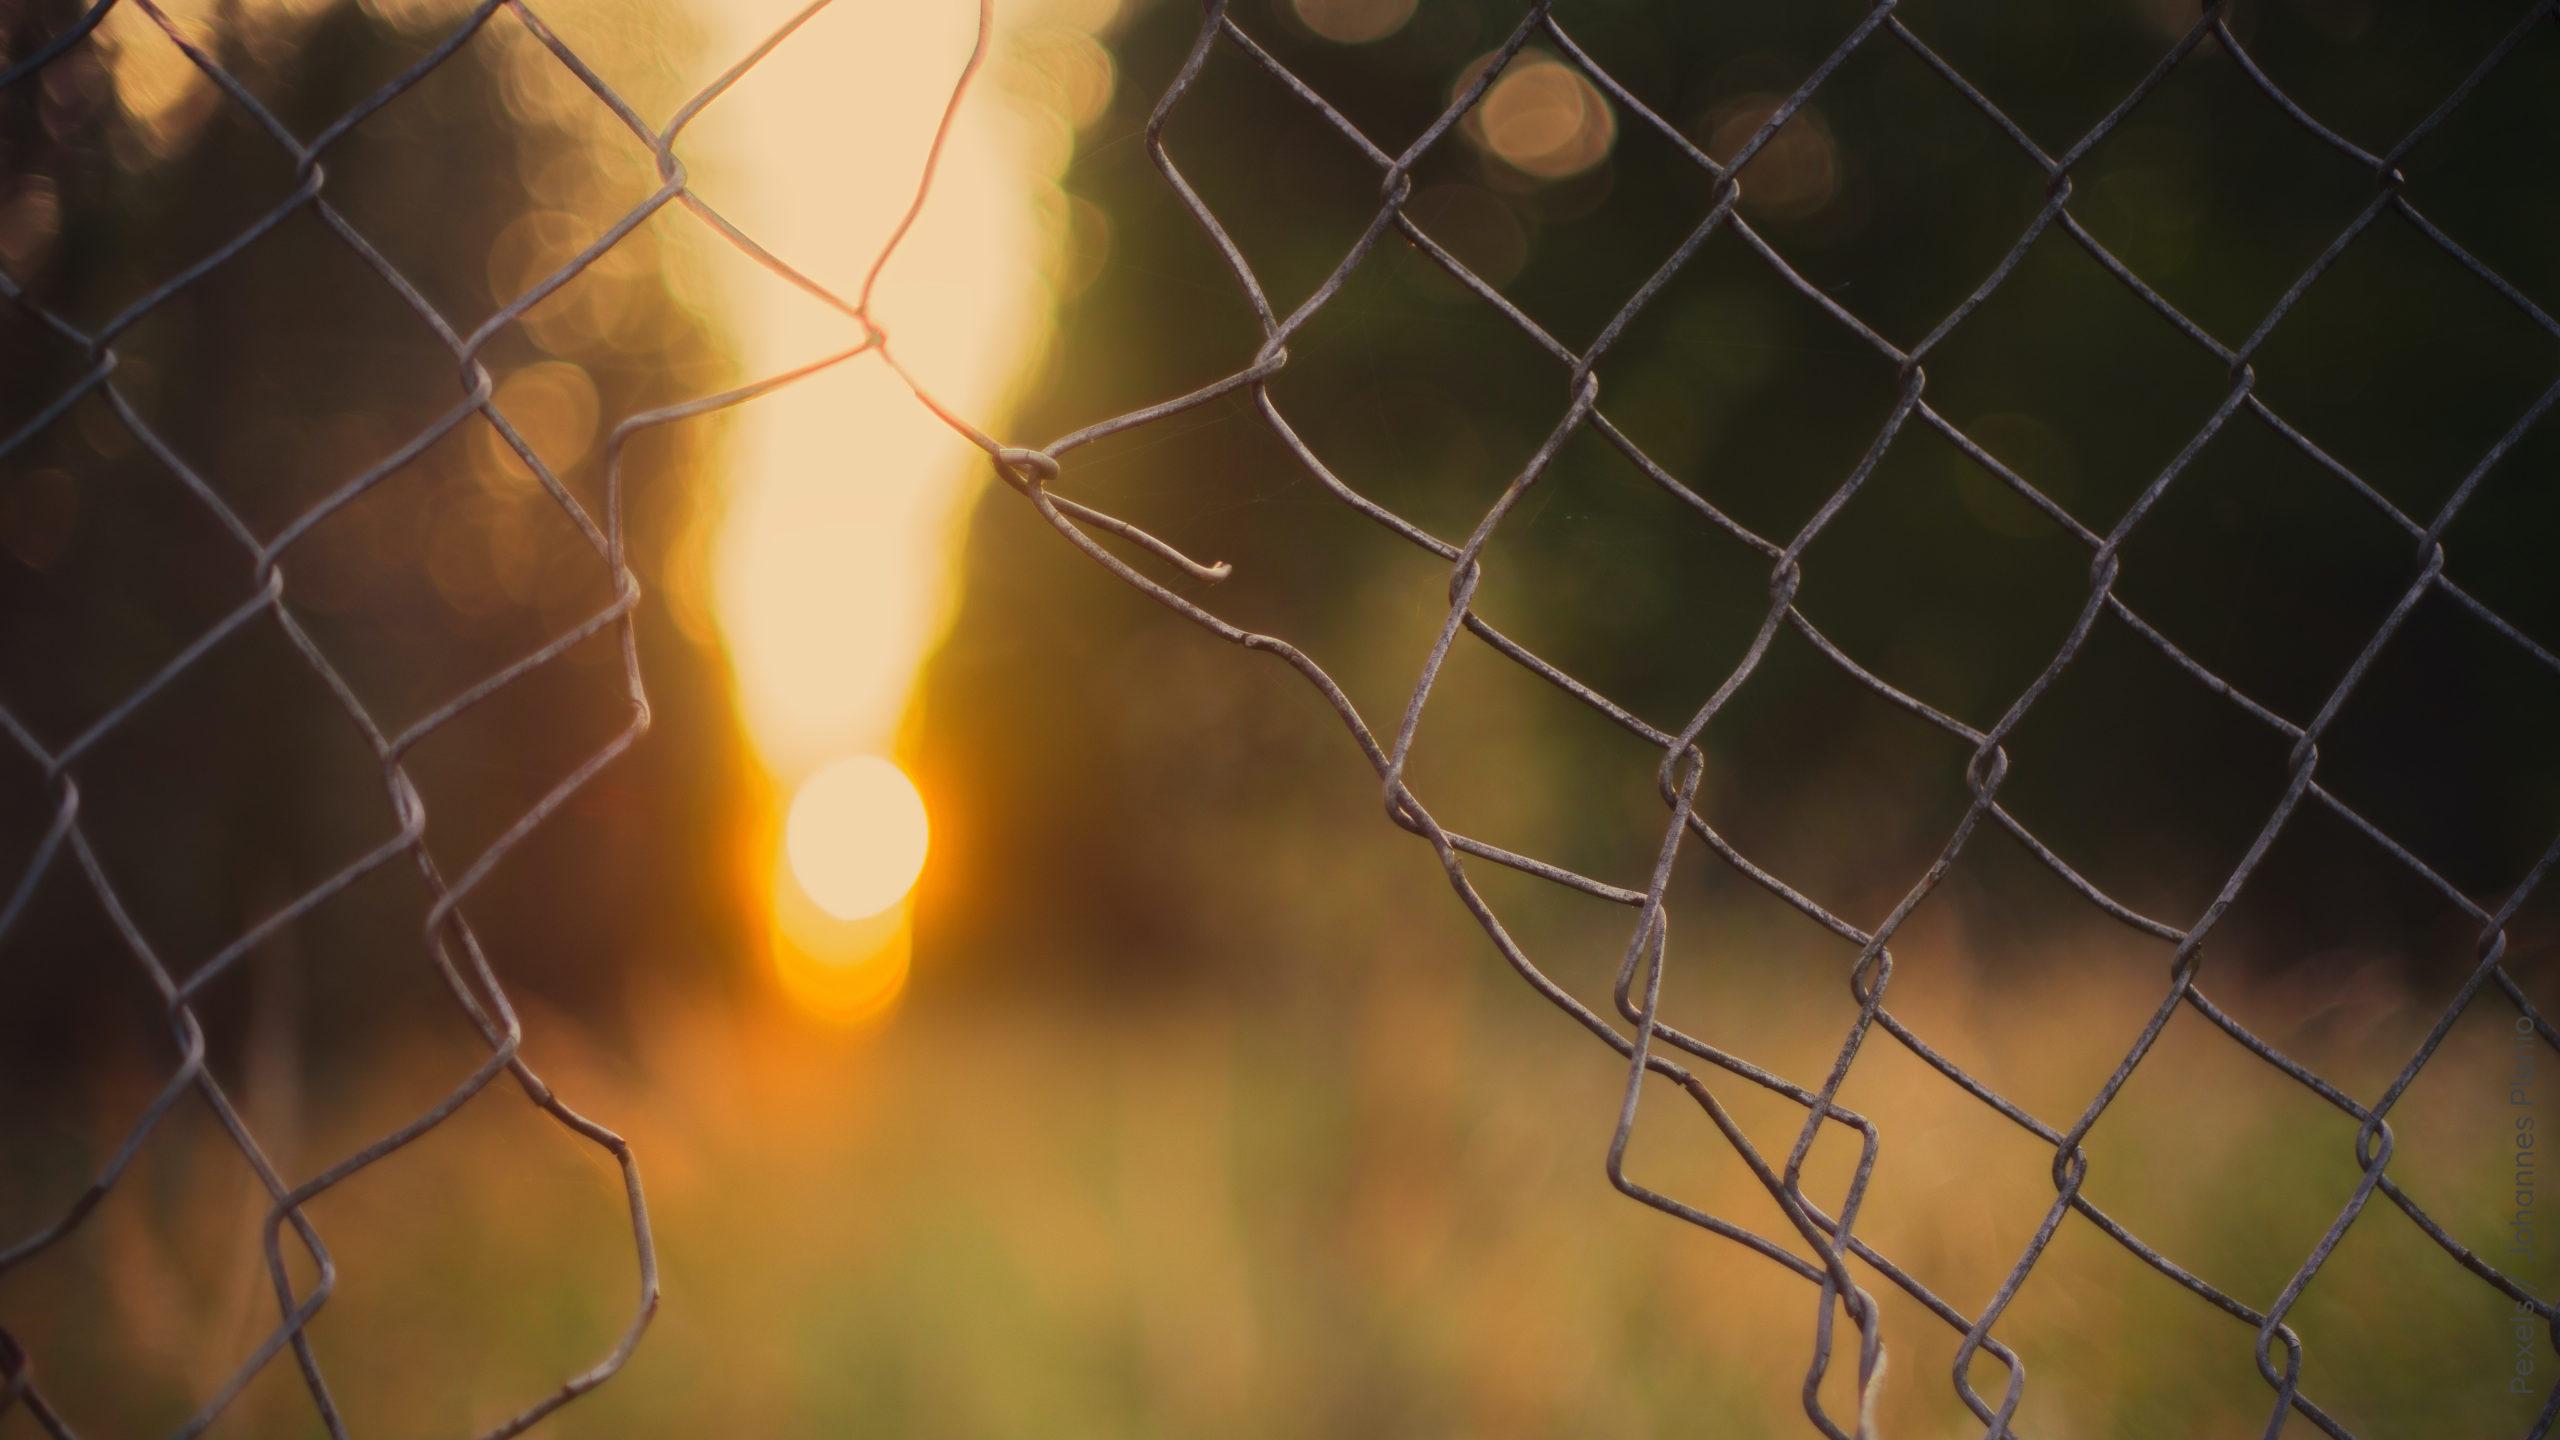 Maschendrahtzaun mit Lücke grey wire fence